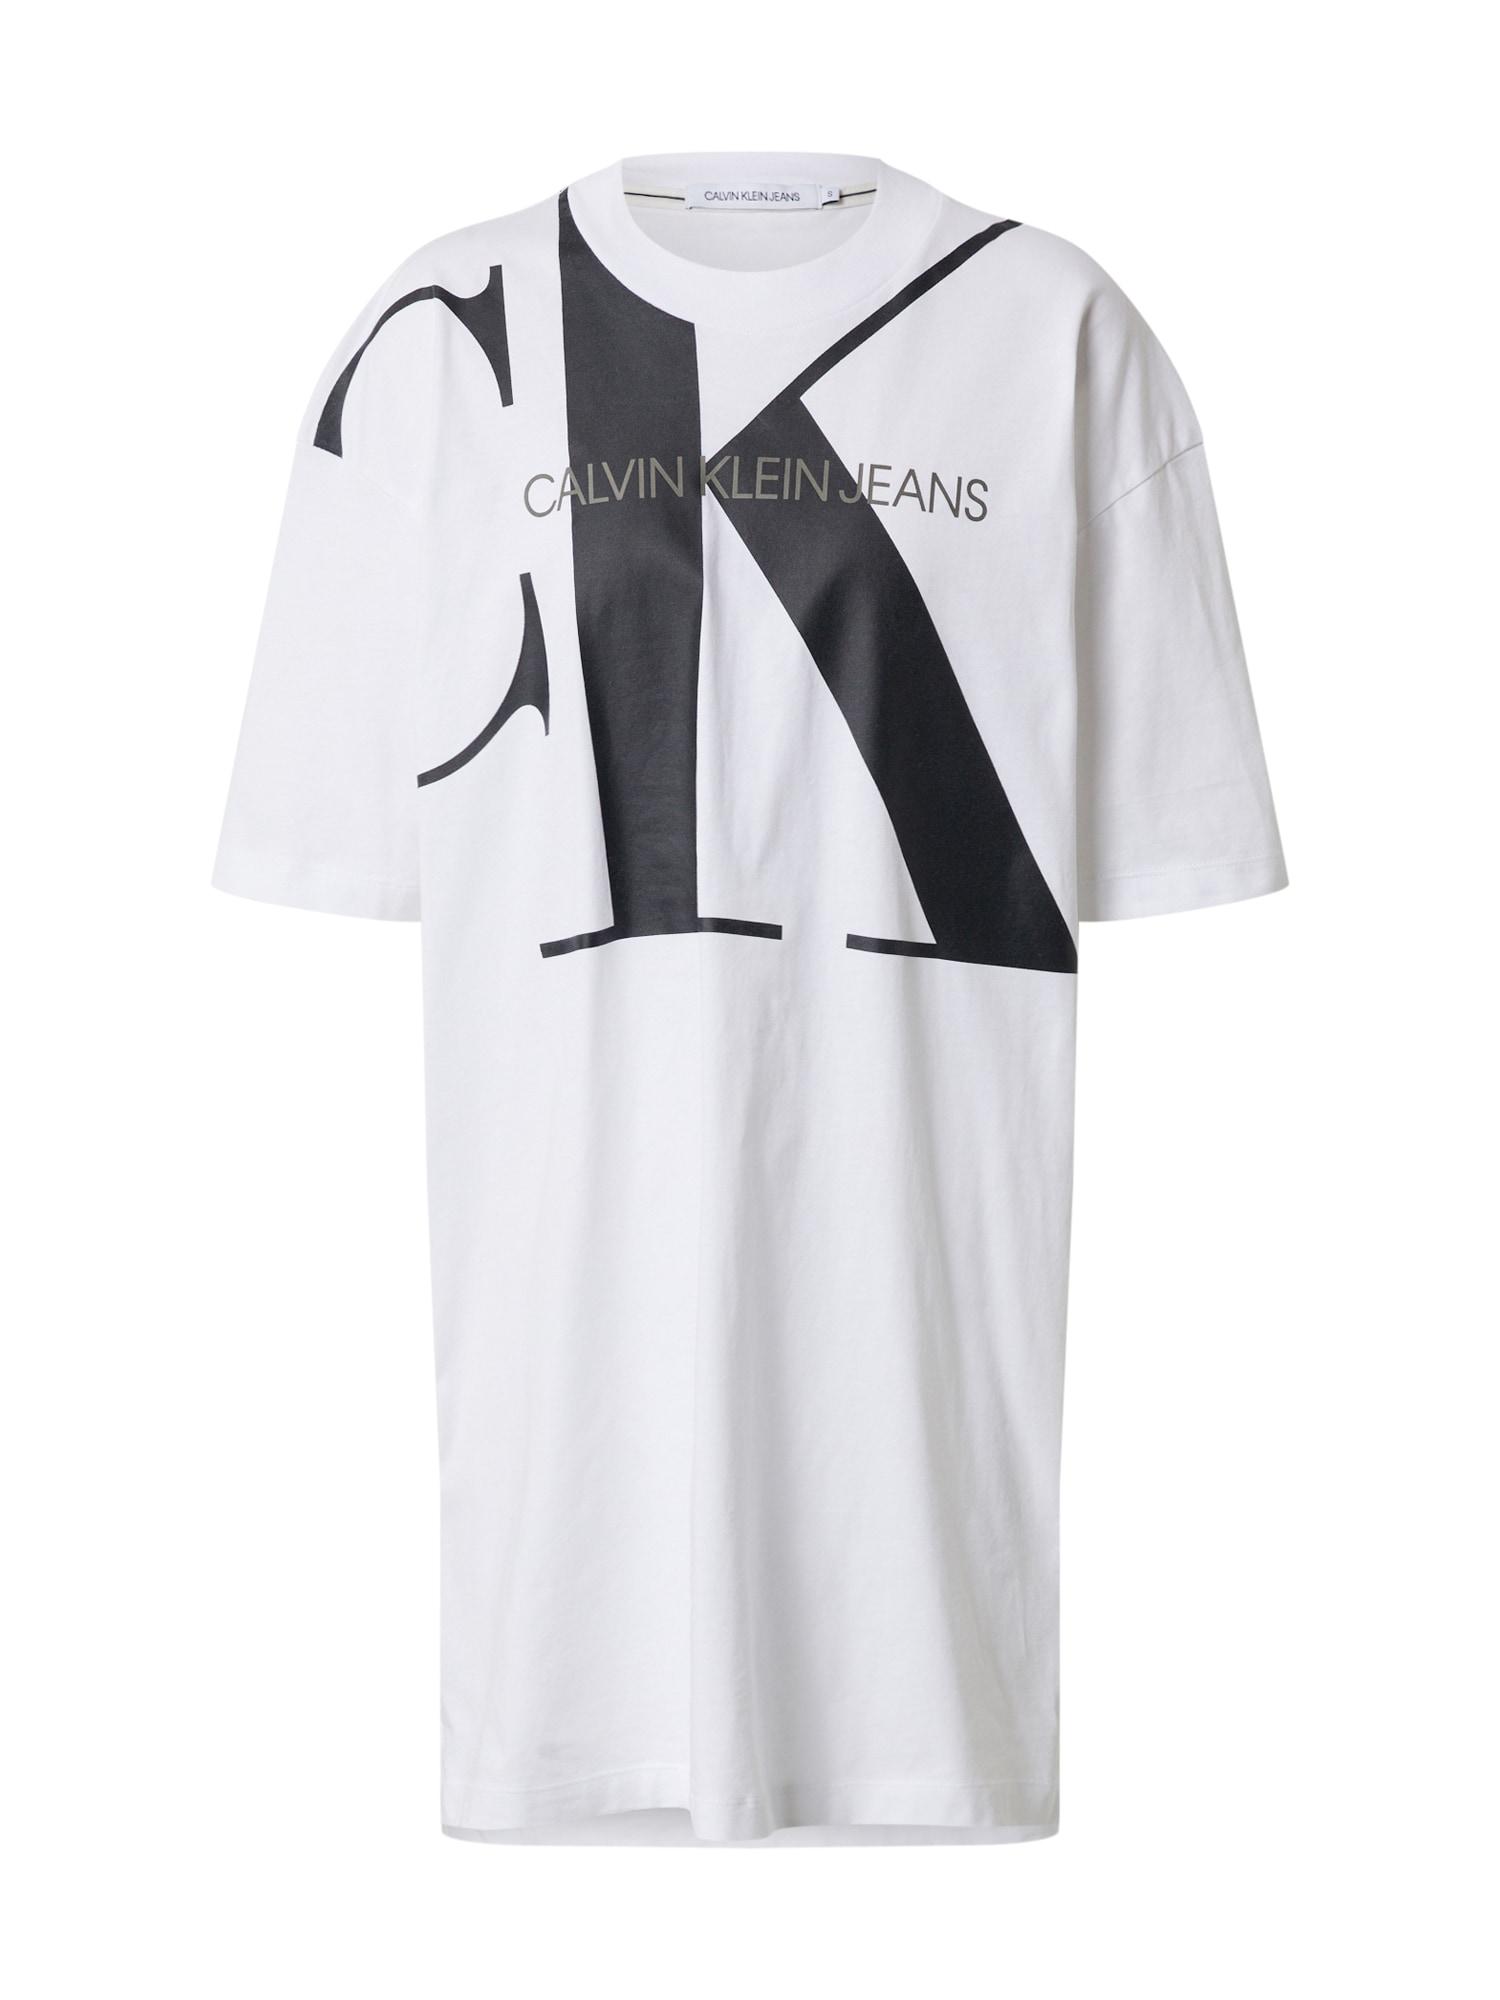 Calvin Klein Jeans Laisva suknelė 'T-Shirt' balta / juoda